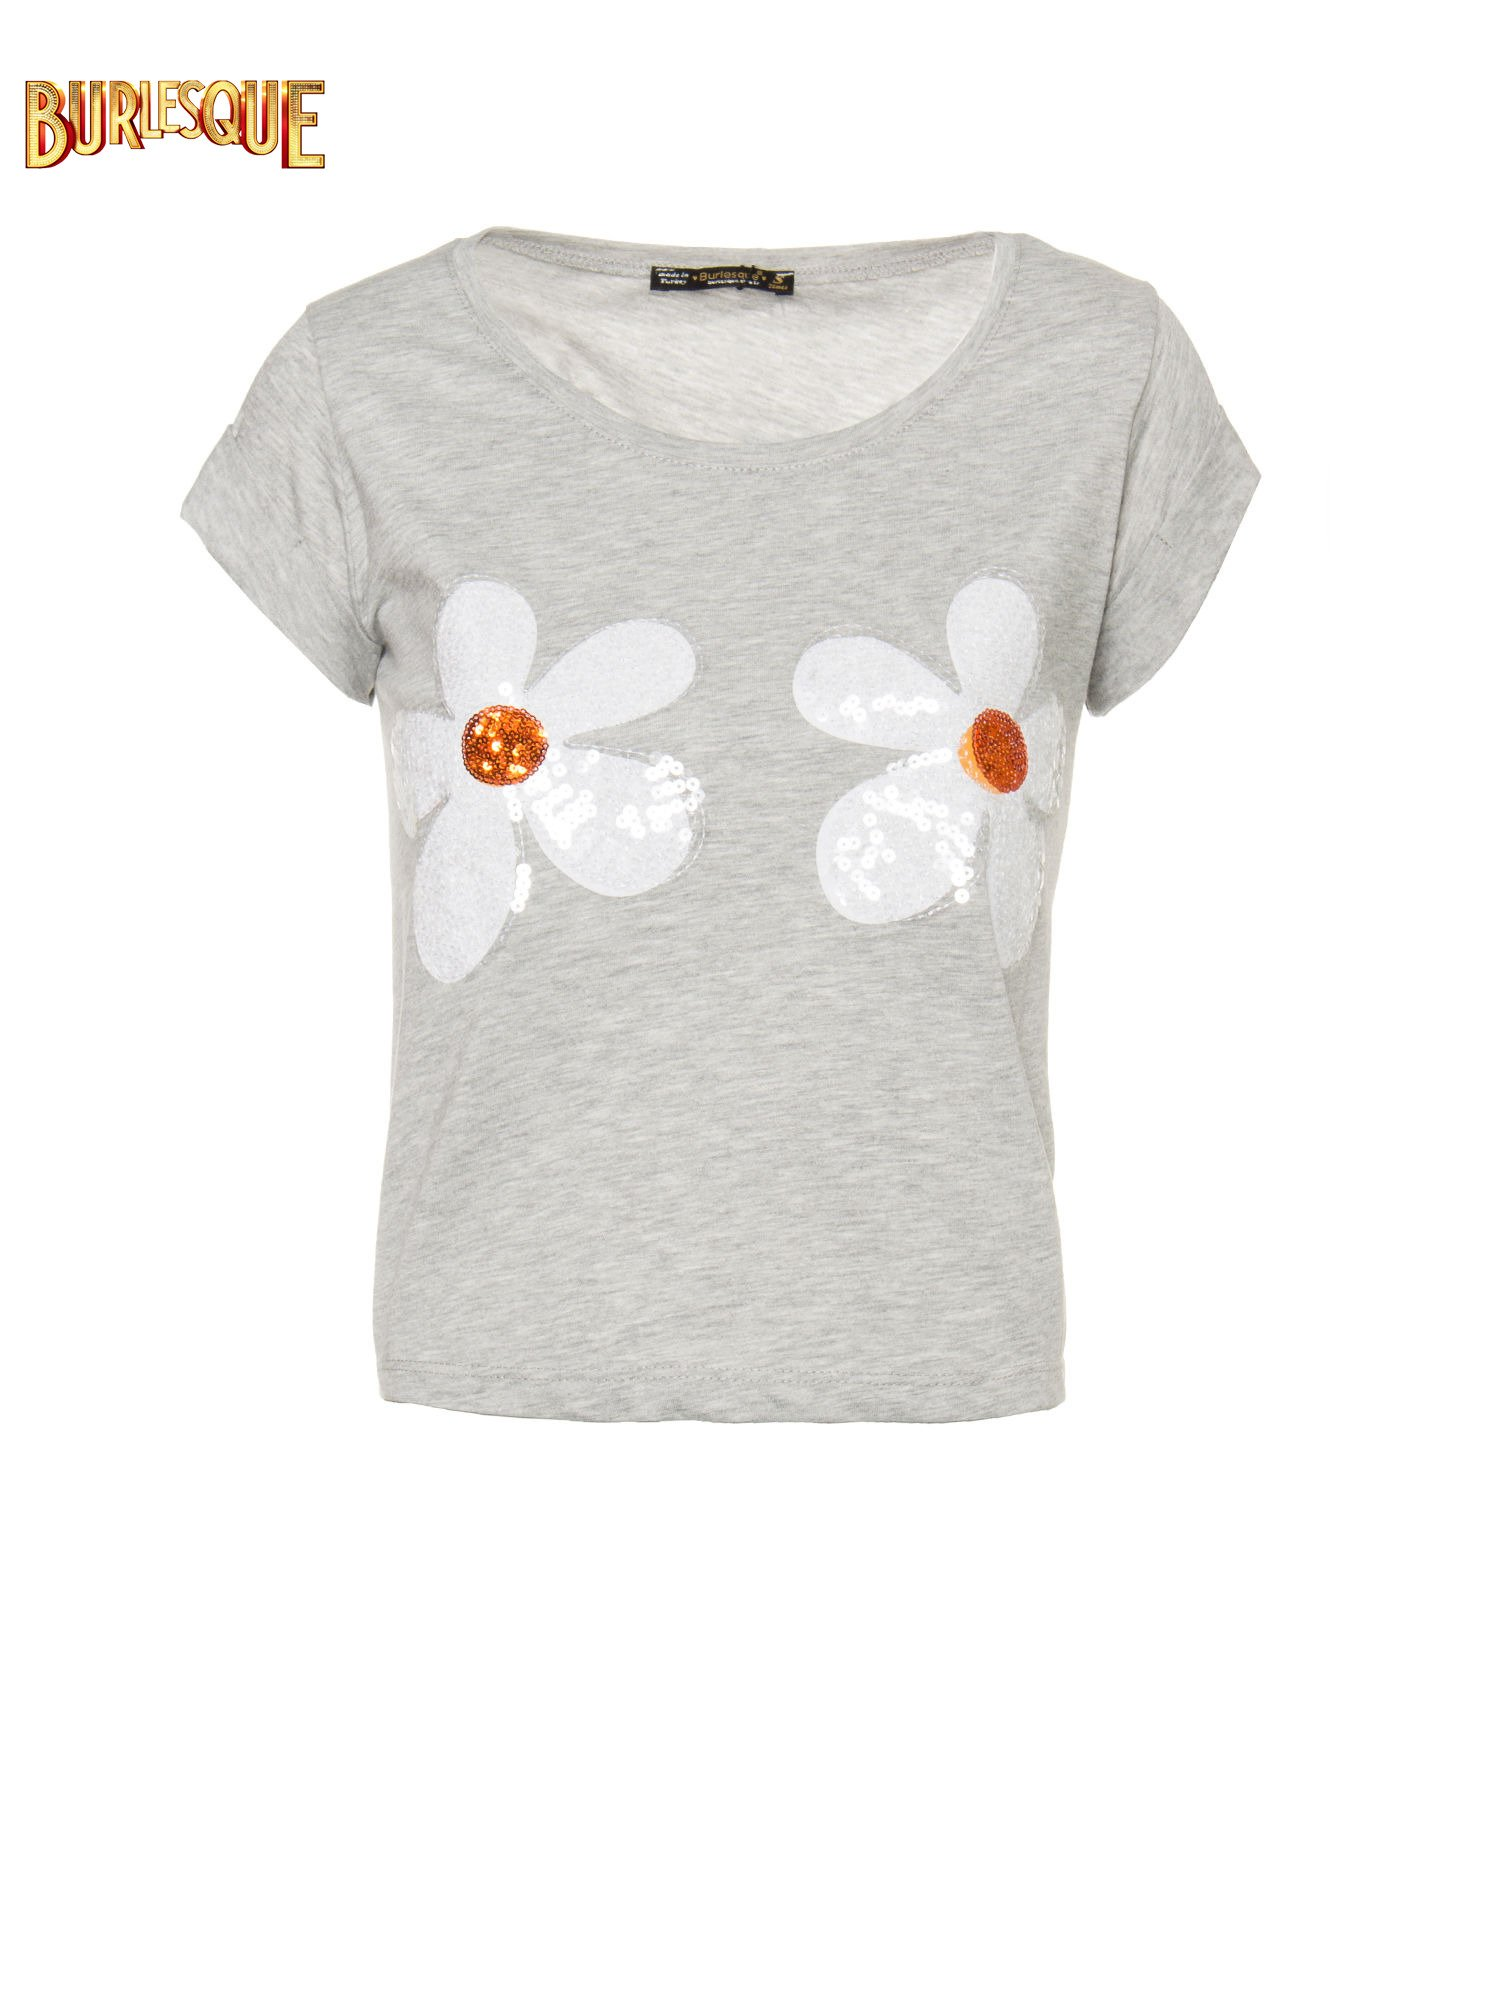 Szary krótki t-shirt z kwiatkami z cekinów                                  zdj.                                  1